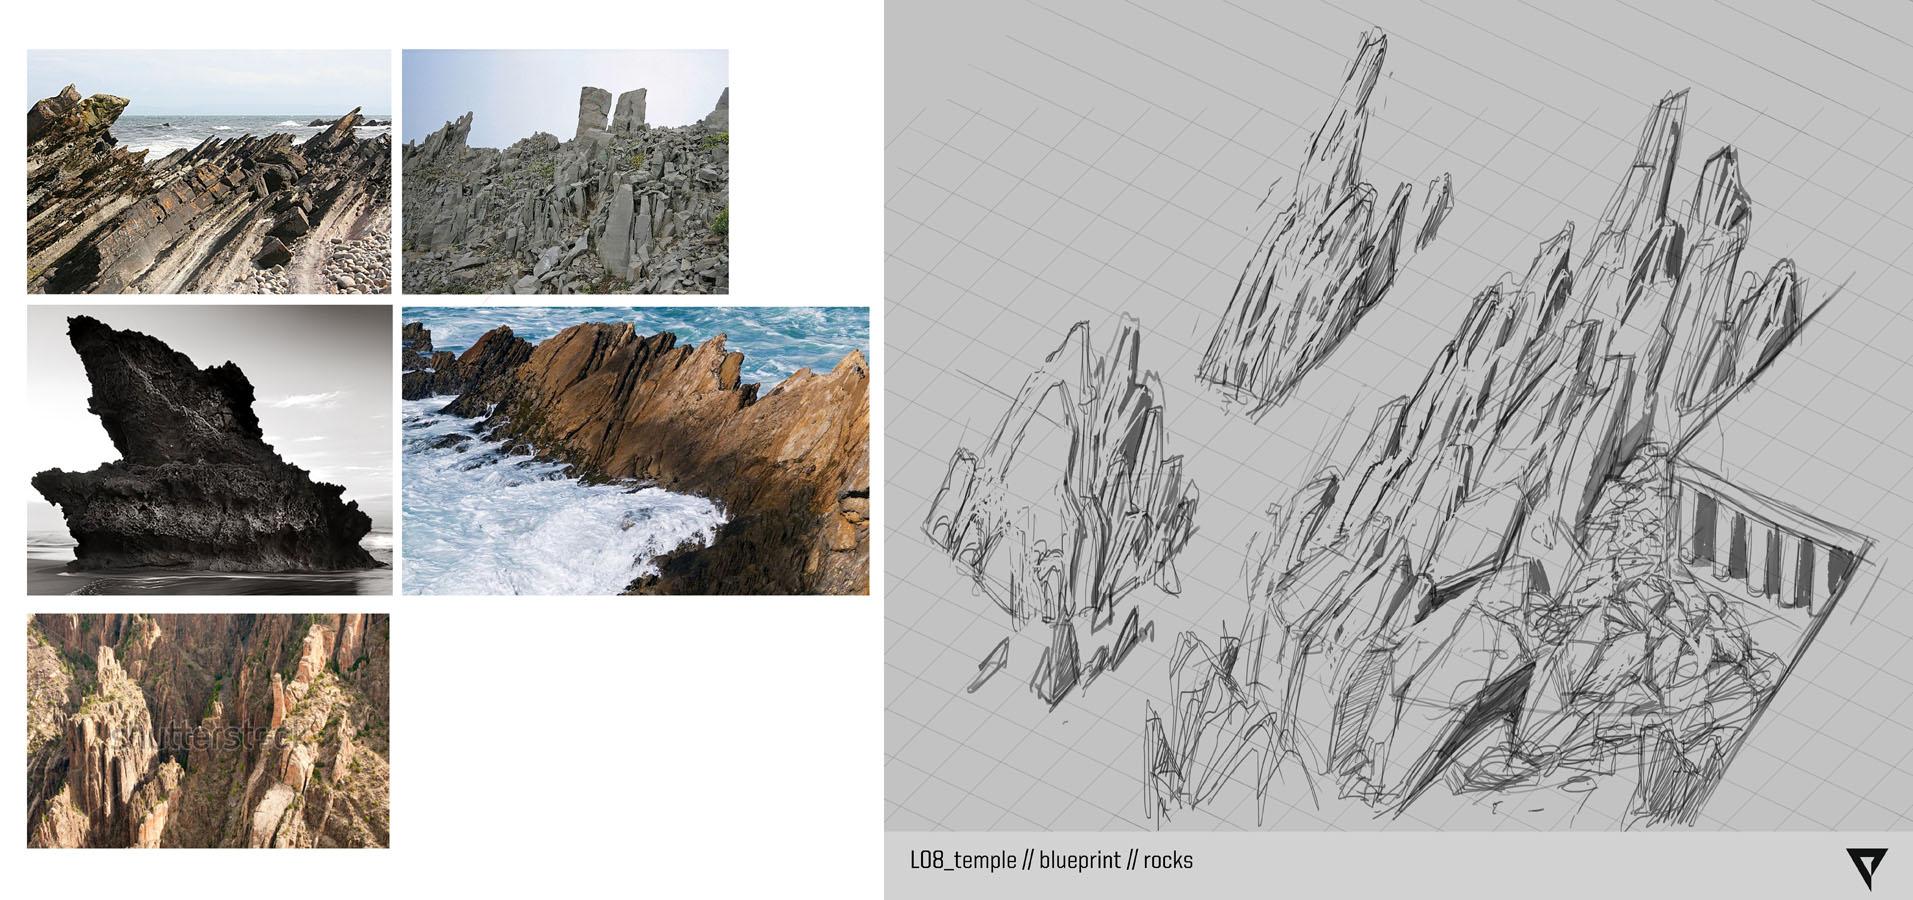 L08_temple_blueprint_rocks.jpg